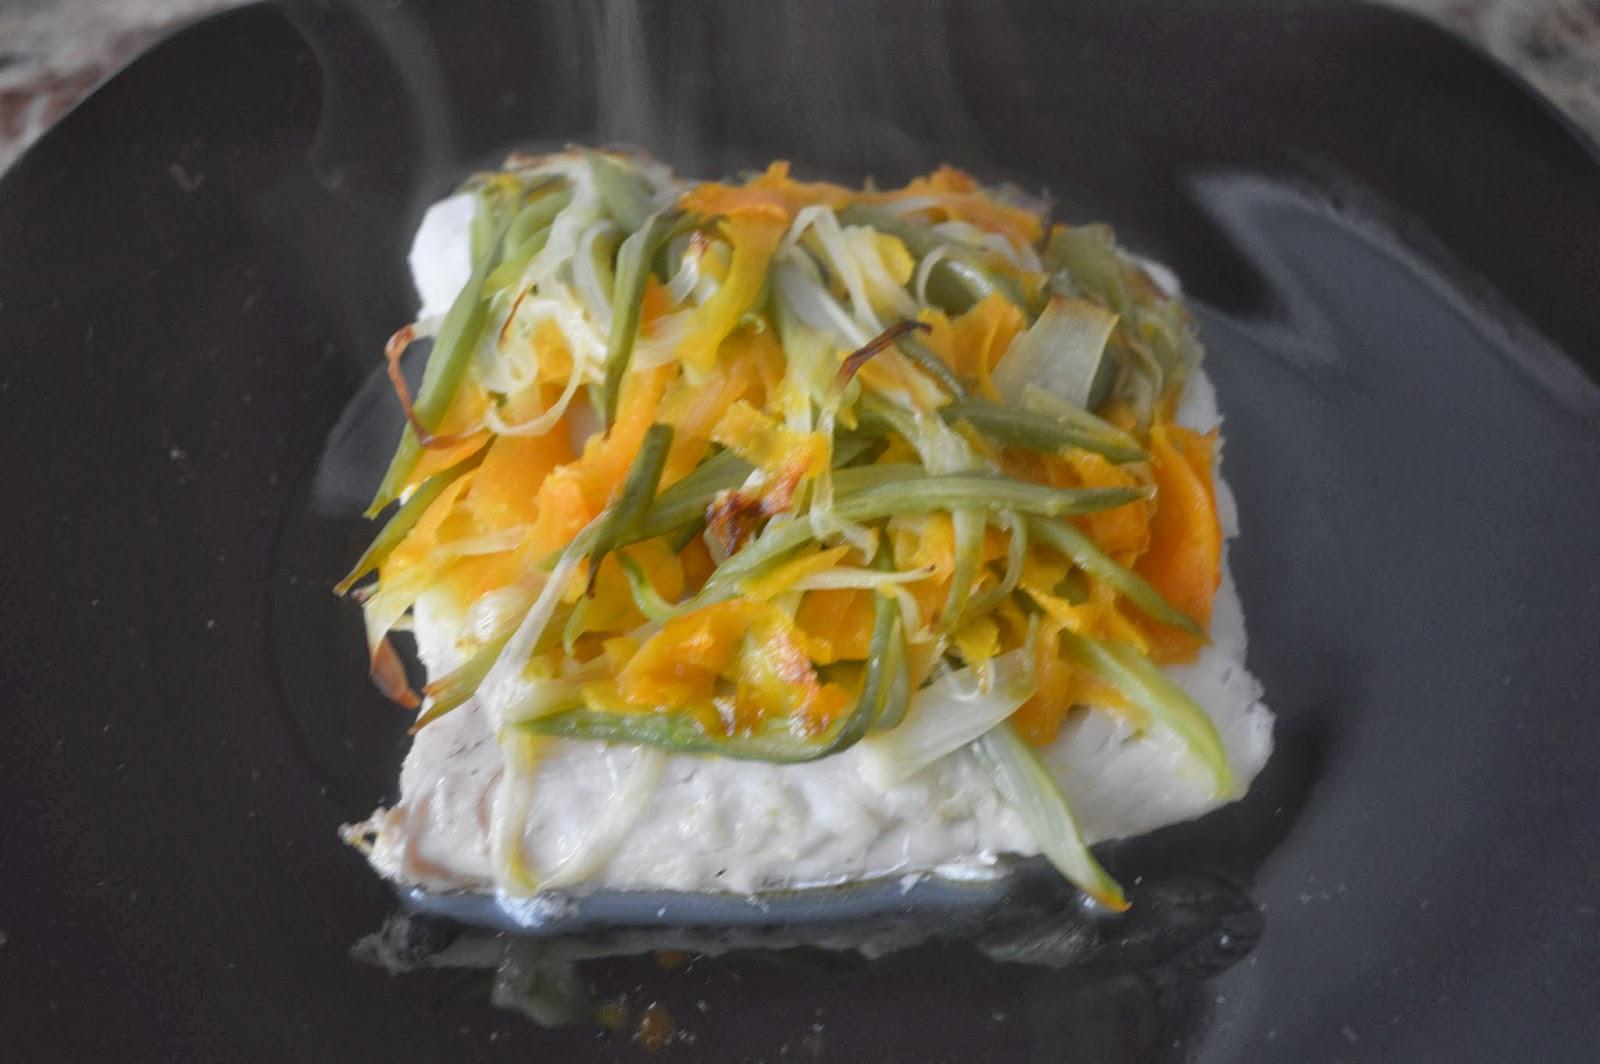 Bonito cocinar en papillote im genes cocinar en - Merluza a la papillote ...